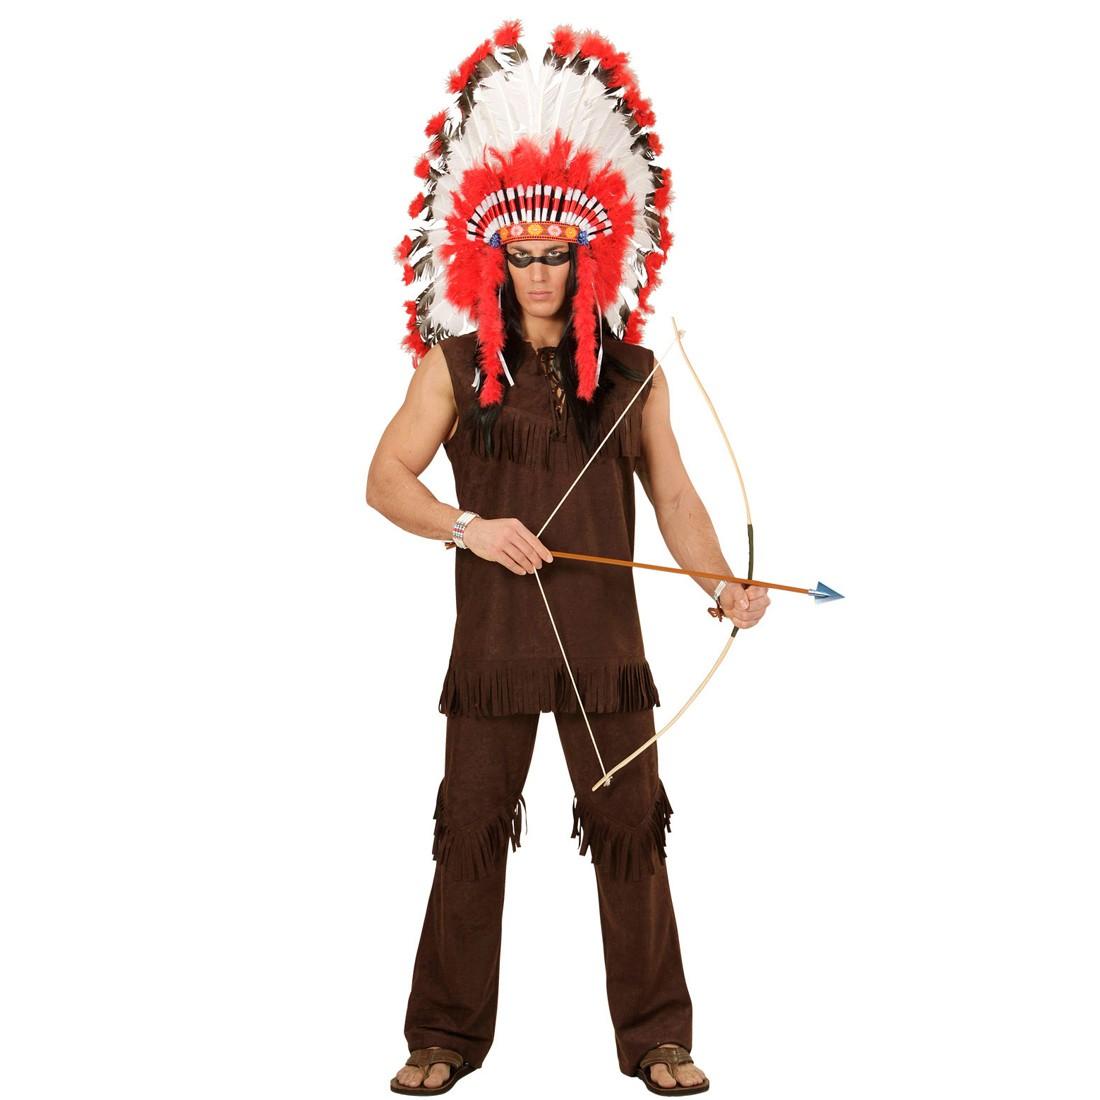 indianer kost m herren h uptling westernkost m 29 99. Black Bedroom Furniture Sets. Home Design Ideas